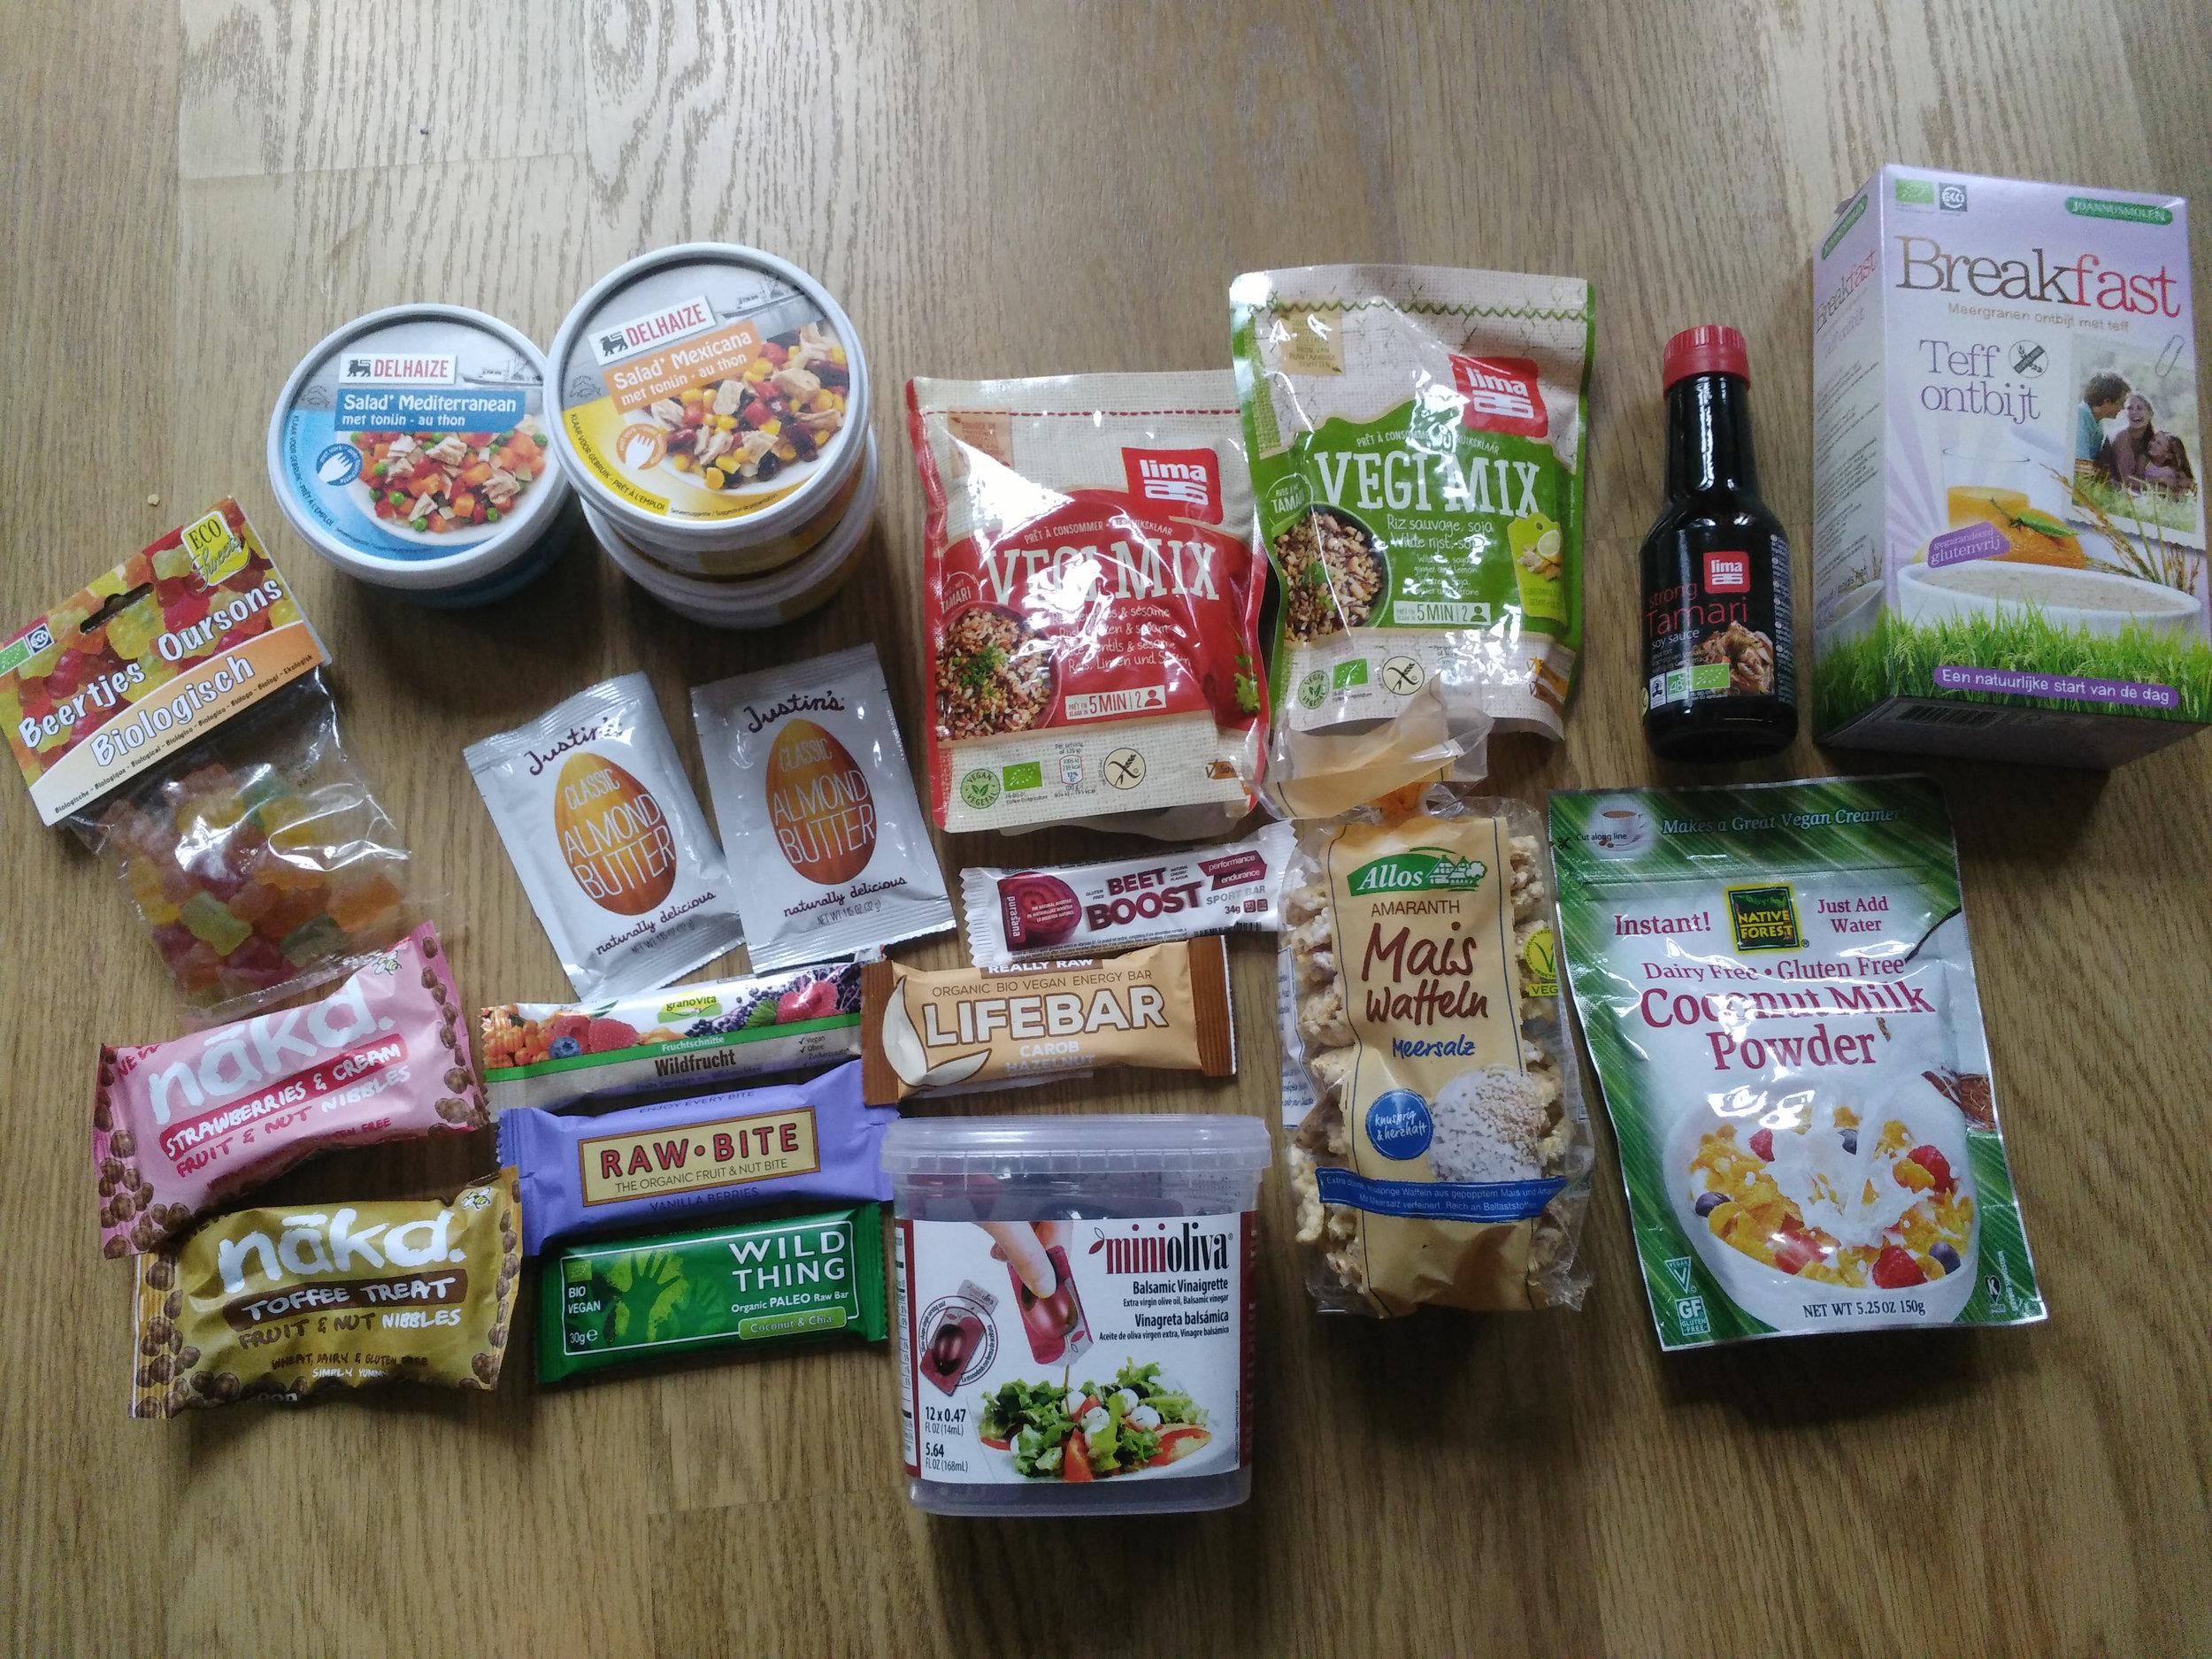 gluten free, Asia, Japan, travel, traveling gluten free, traveling asia gluten free, dairy free, expat, work travel, healthy, diet